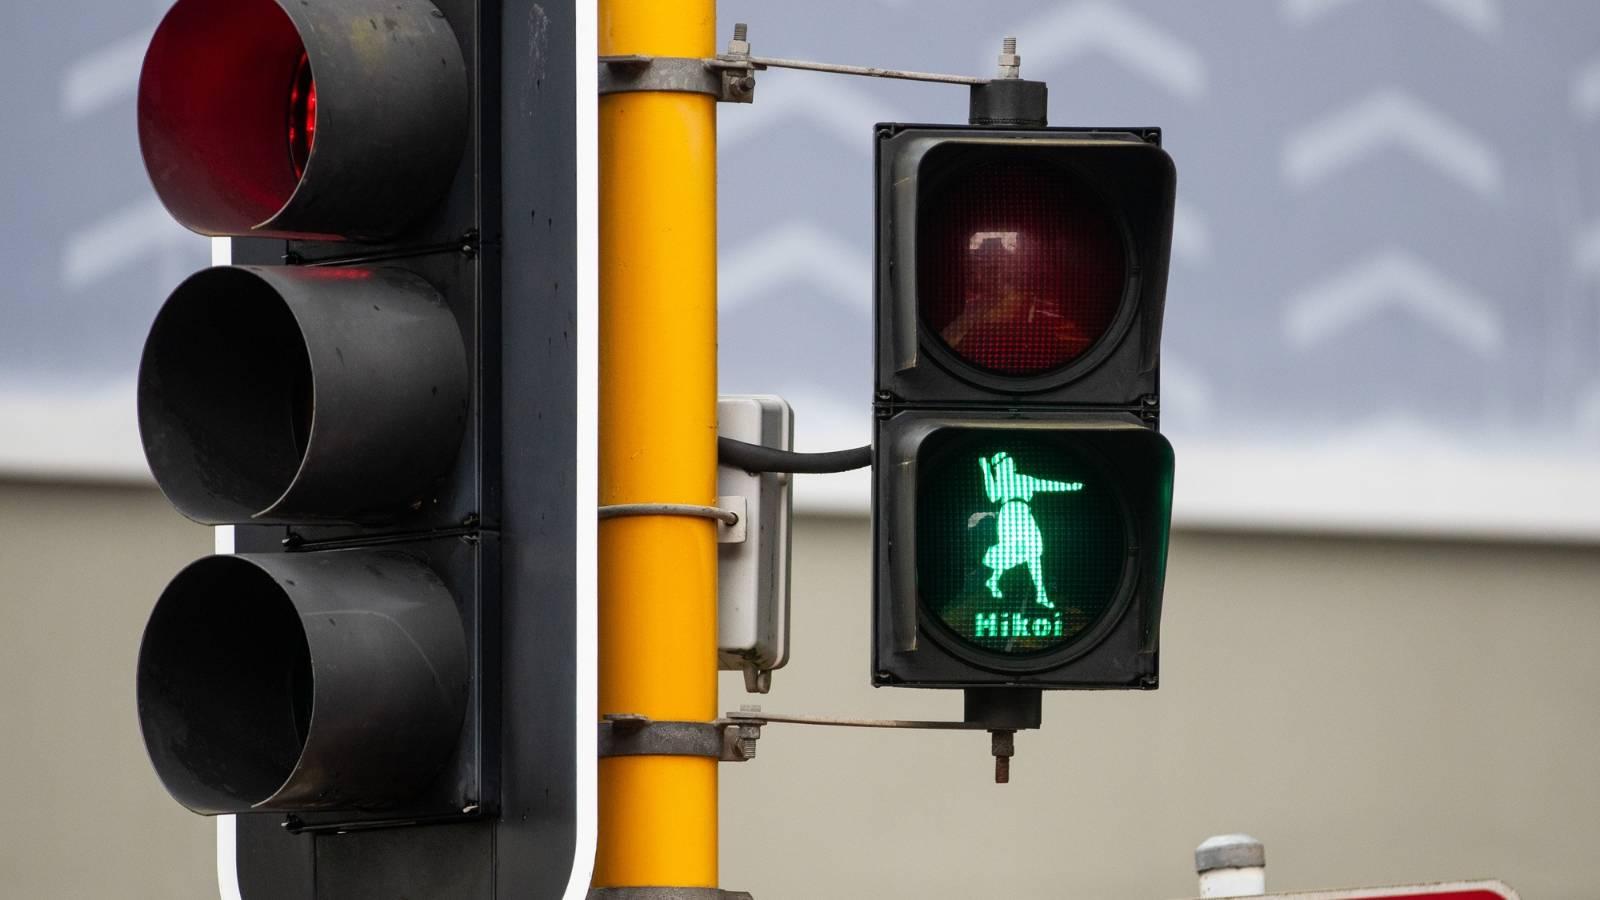 Pedestrian lights transformed to Māori figures